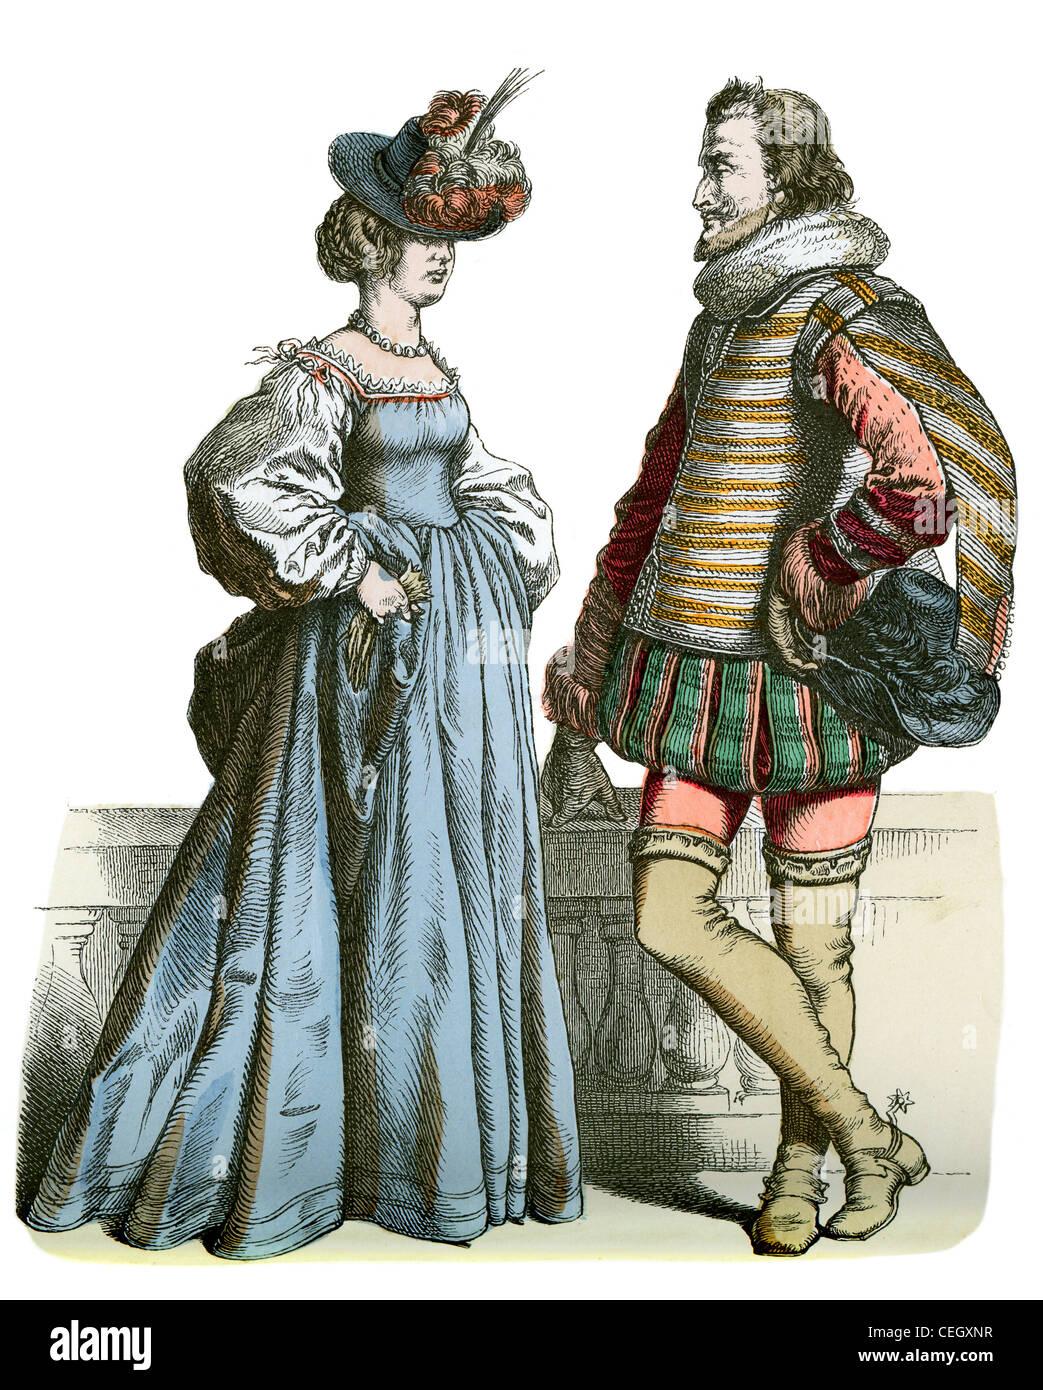 17 Jahrhundert Bild Architektur: Ein Edler Mann Und Eine Frau In Der Mode Des 17